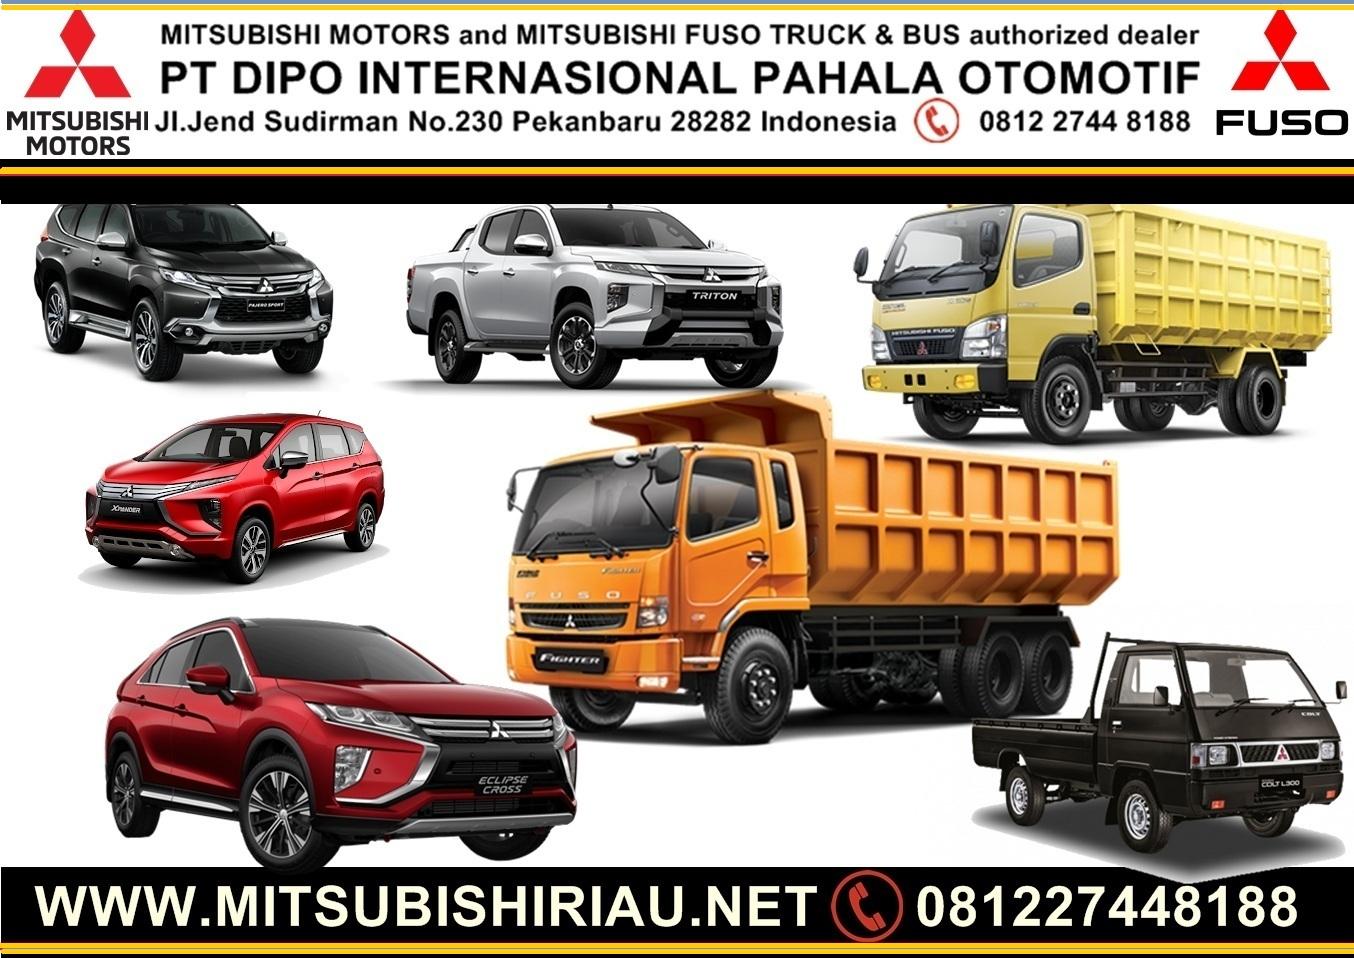 Mitsubishi Pekanbaru-Harga dan Kredit Mitsubishi Pekanbaru Riau Januari 2020